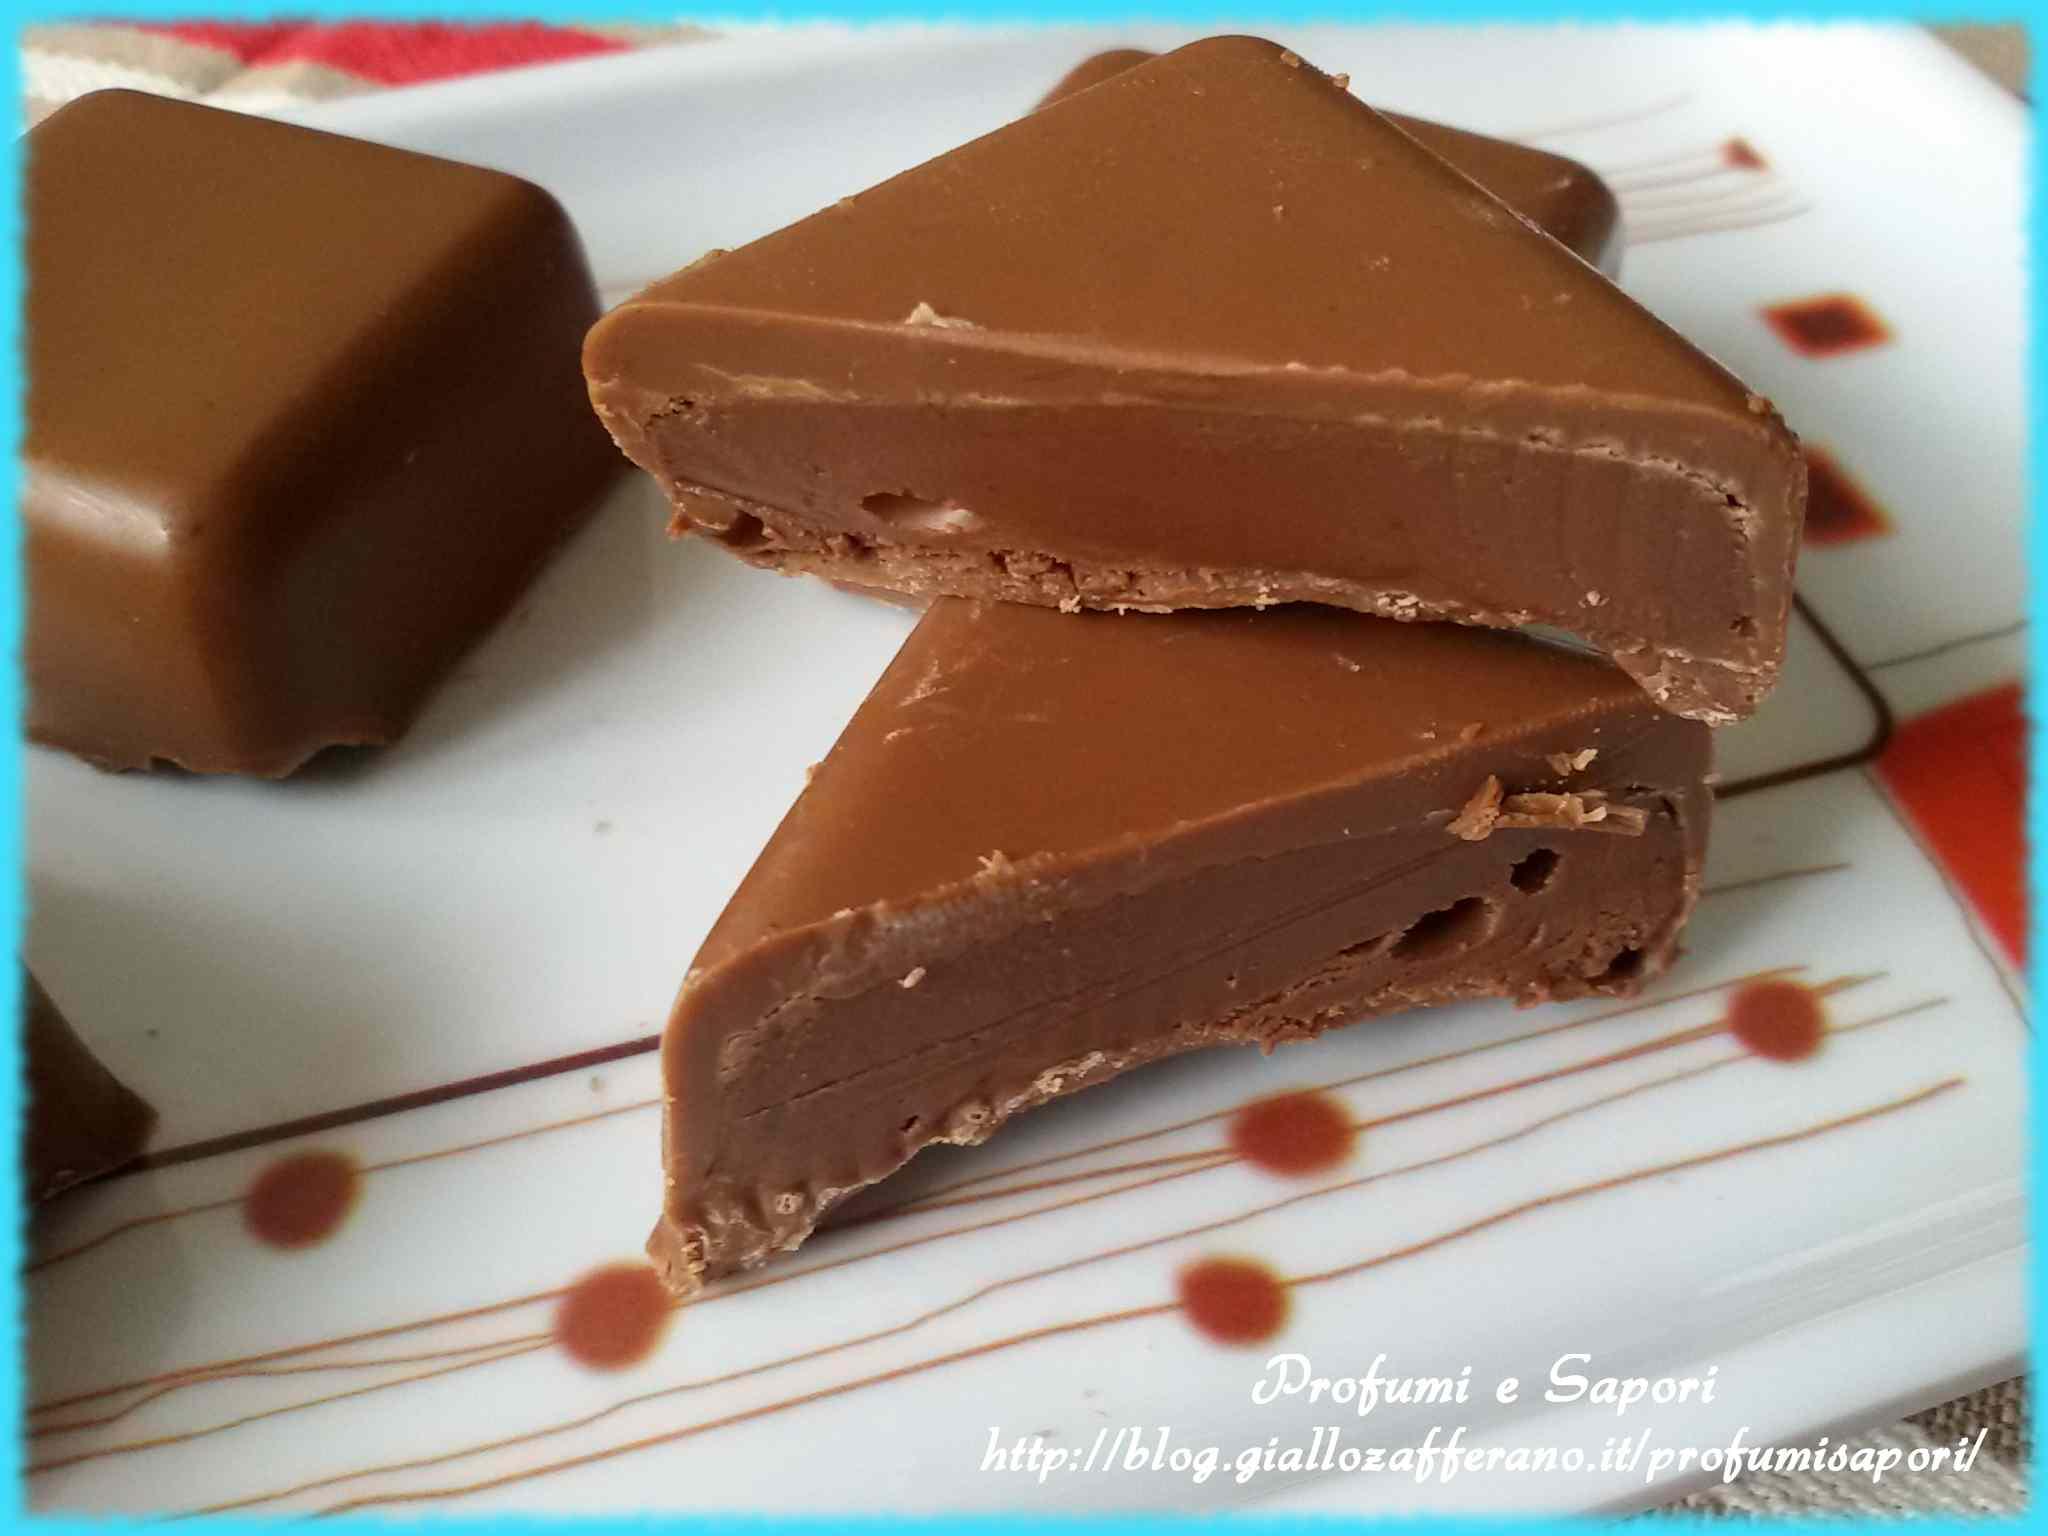 Ricetta: Cioccolatini al latte ripieni di nutella